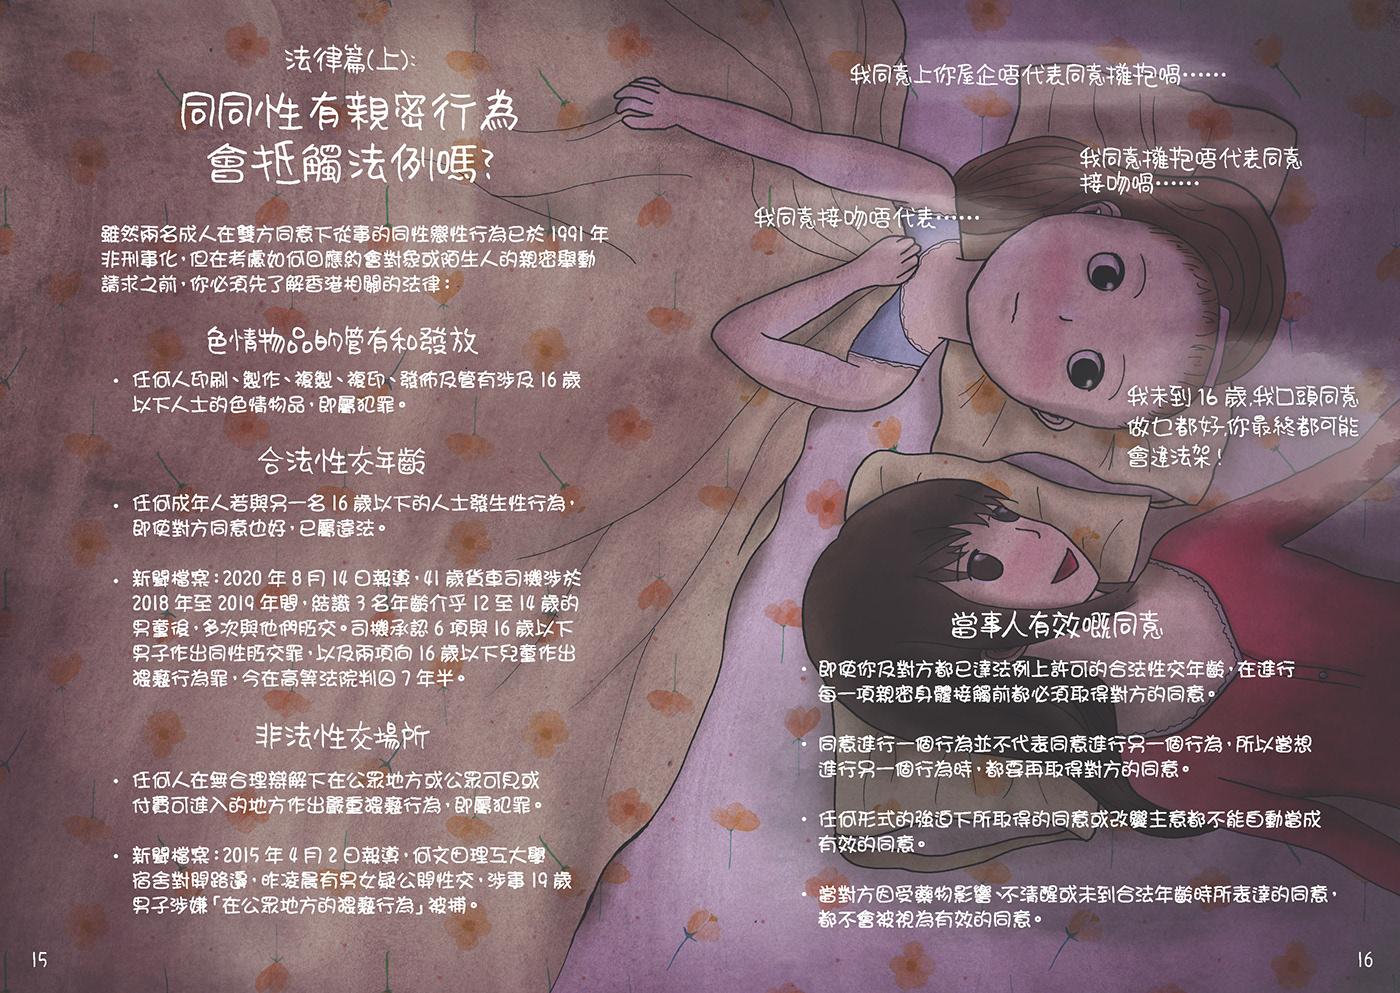 Image may contain: screenshot, menu and cartoon